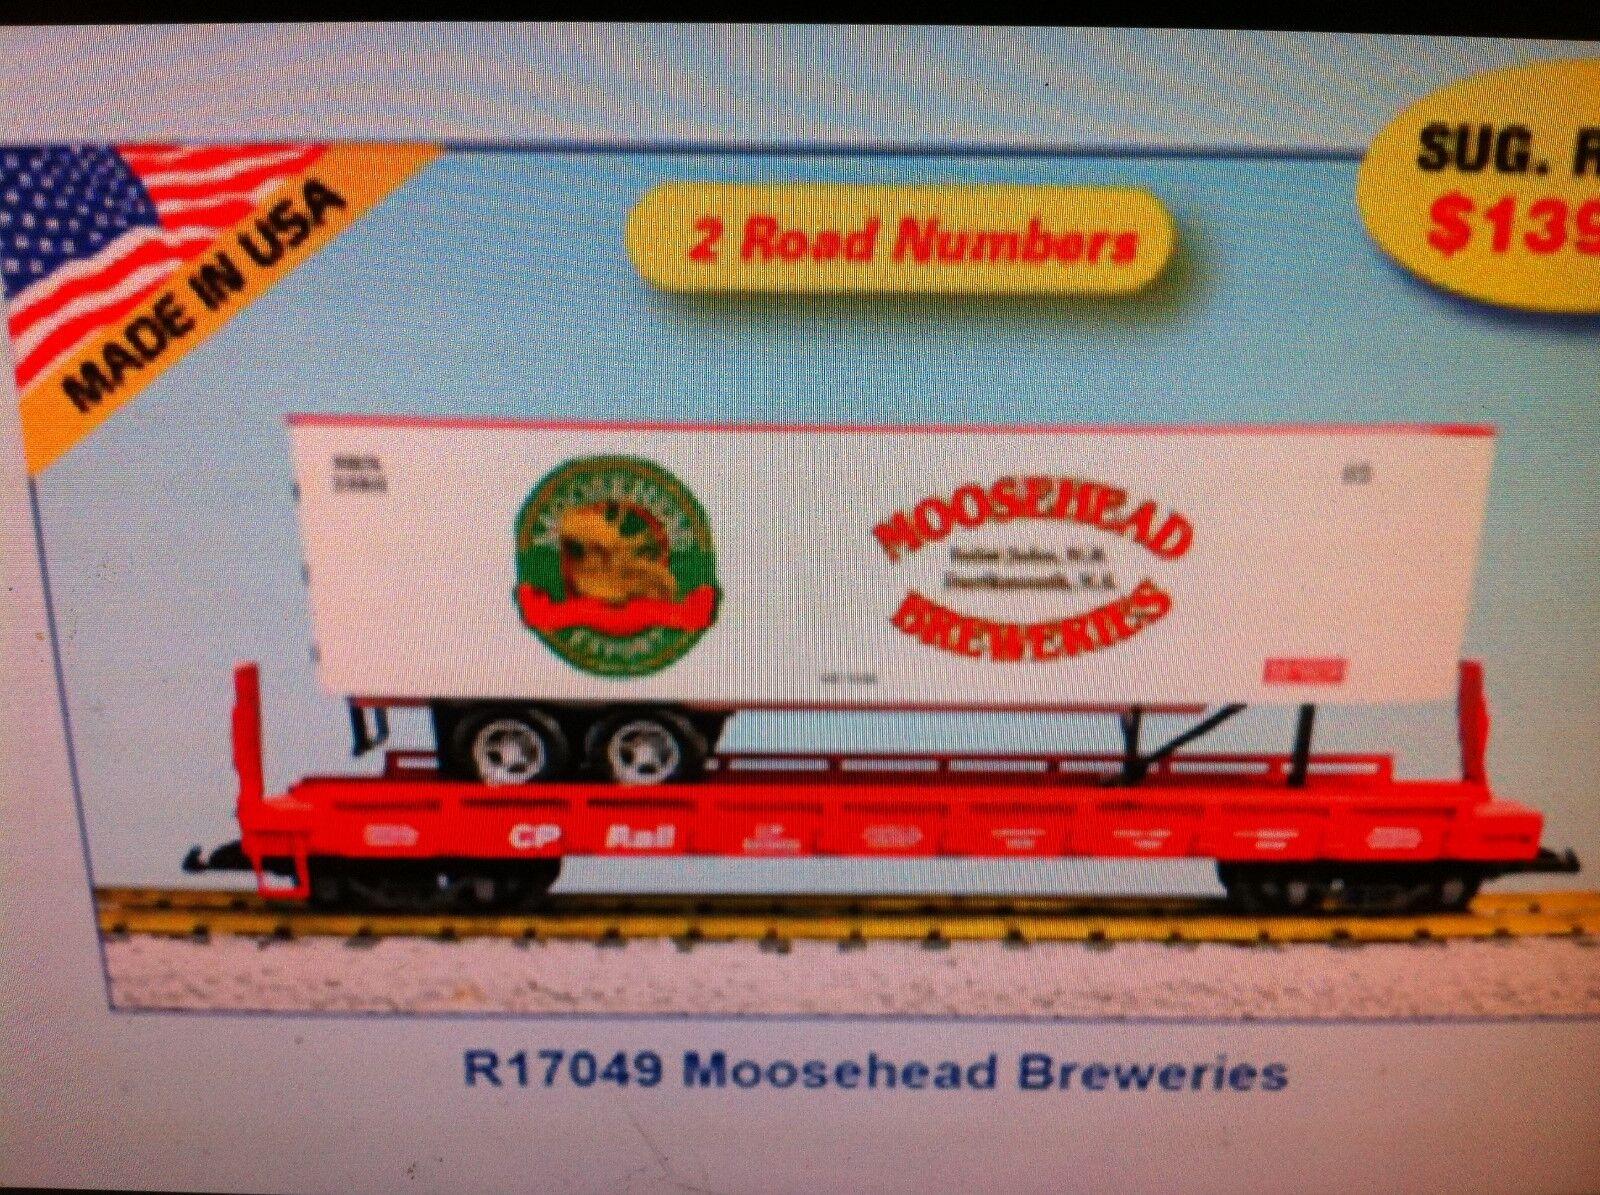 envío gratis USA Trains G Escala Escala Escala Plana Coche con remolque R17049 MOOSEHEAD cervecerías  hasta 60% de descuento